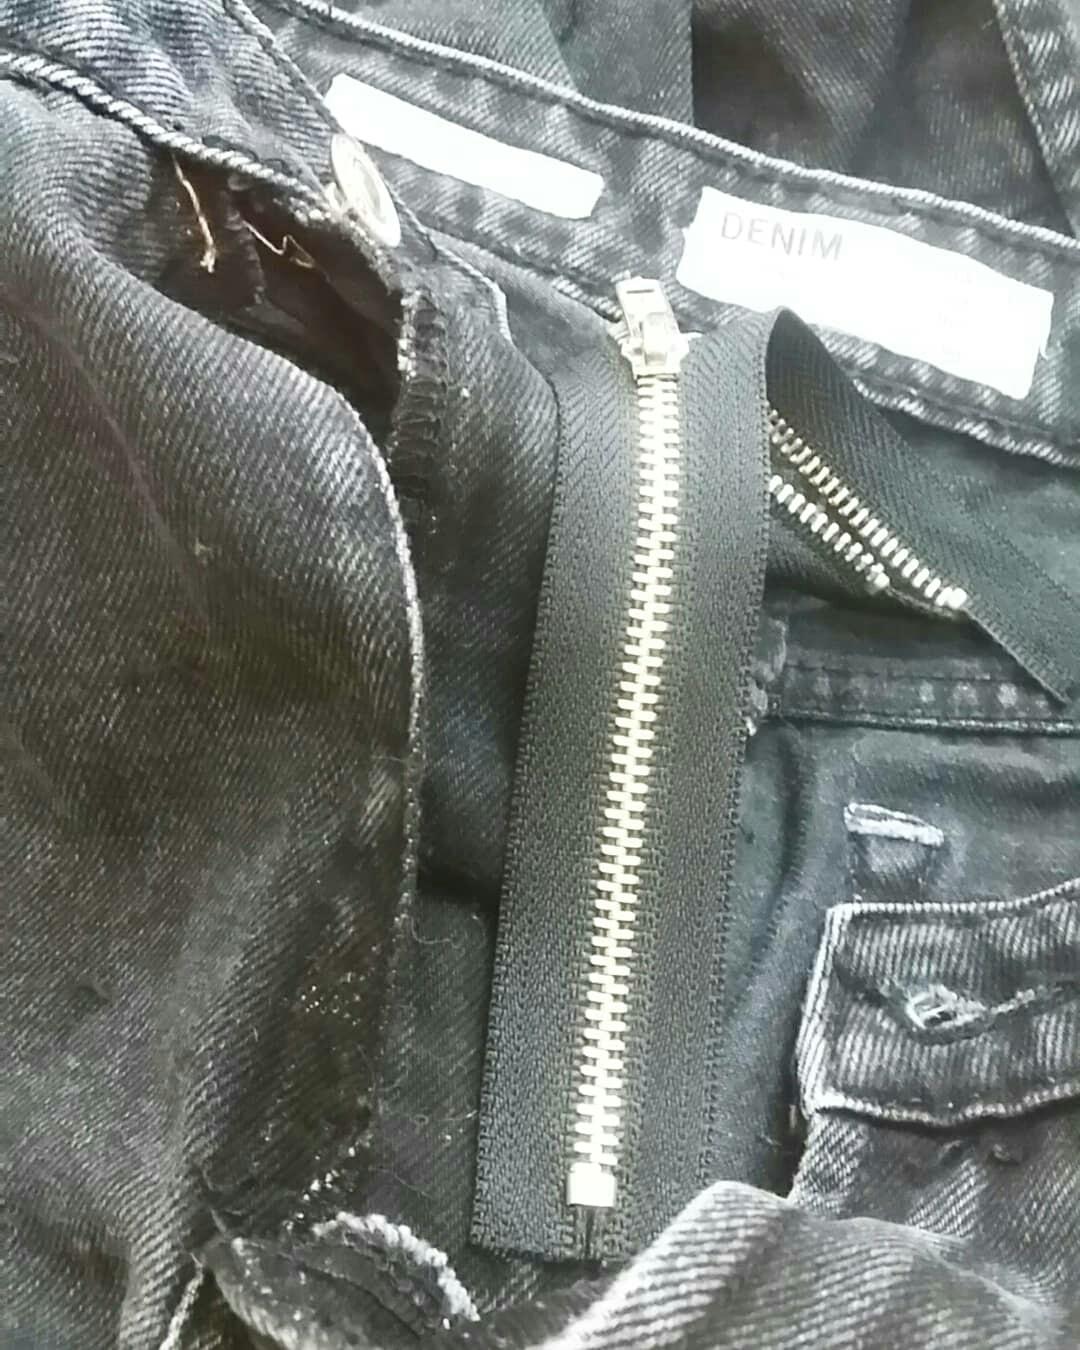 Меняем молнию в джинсах.